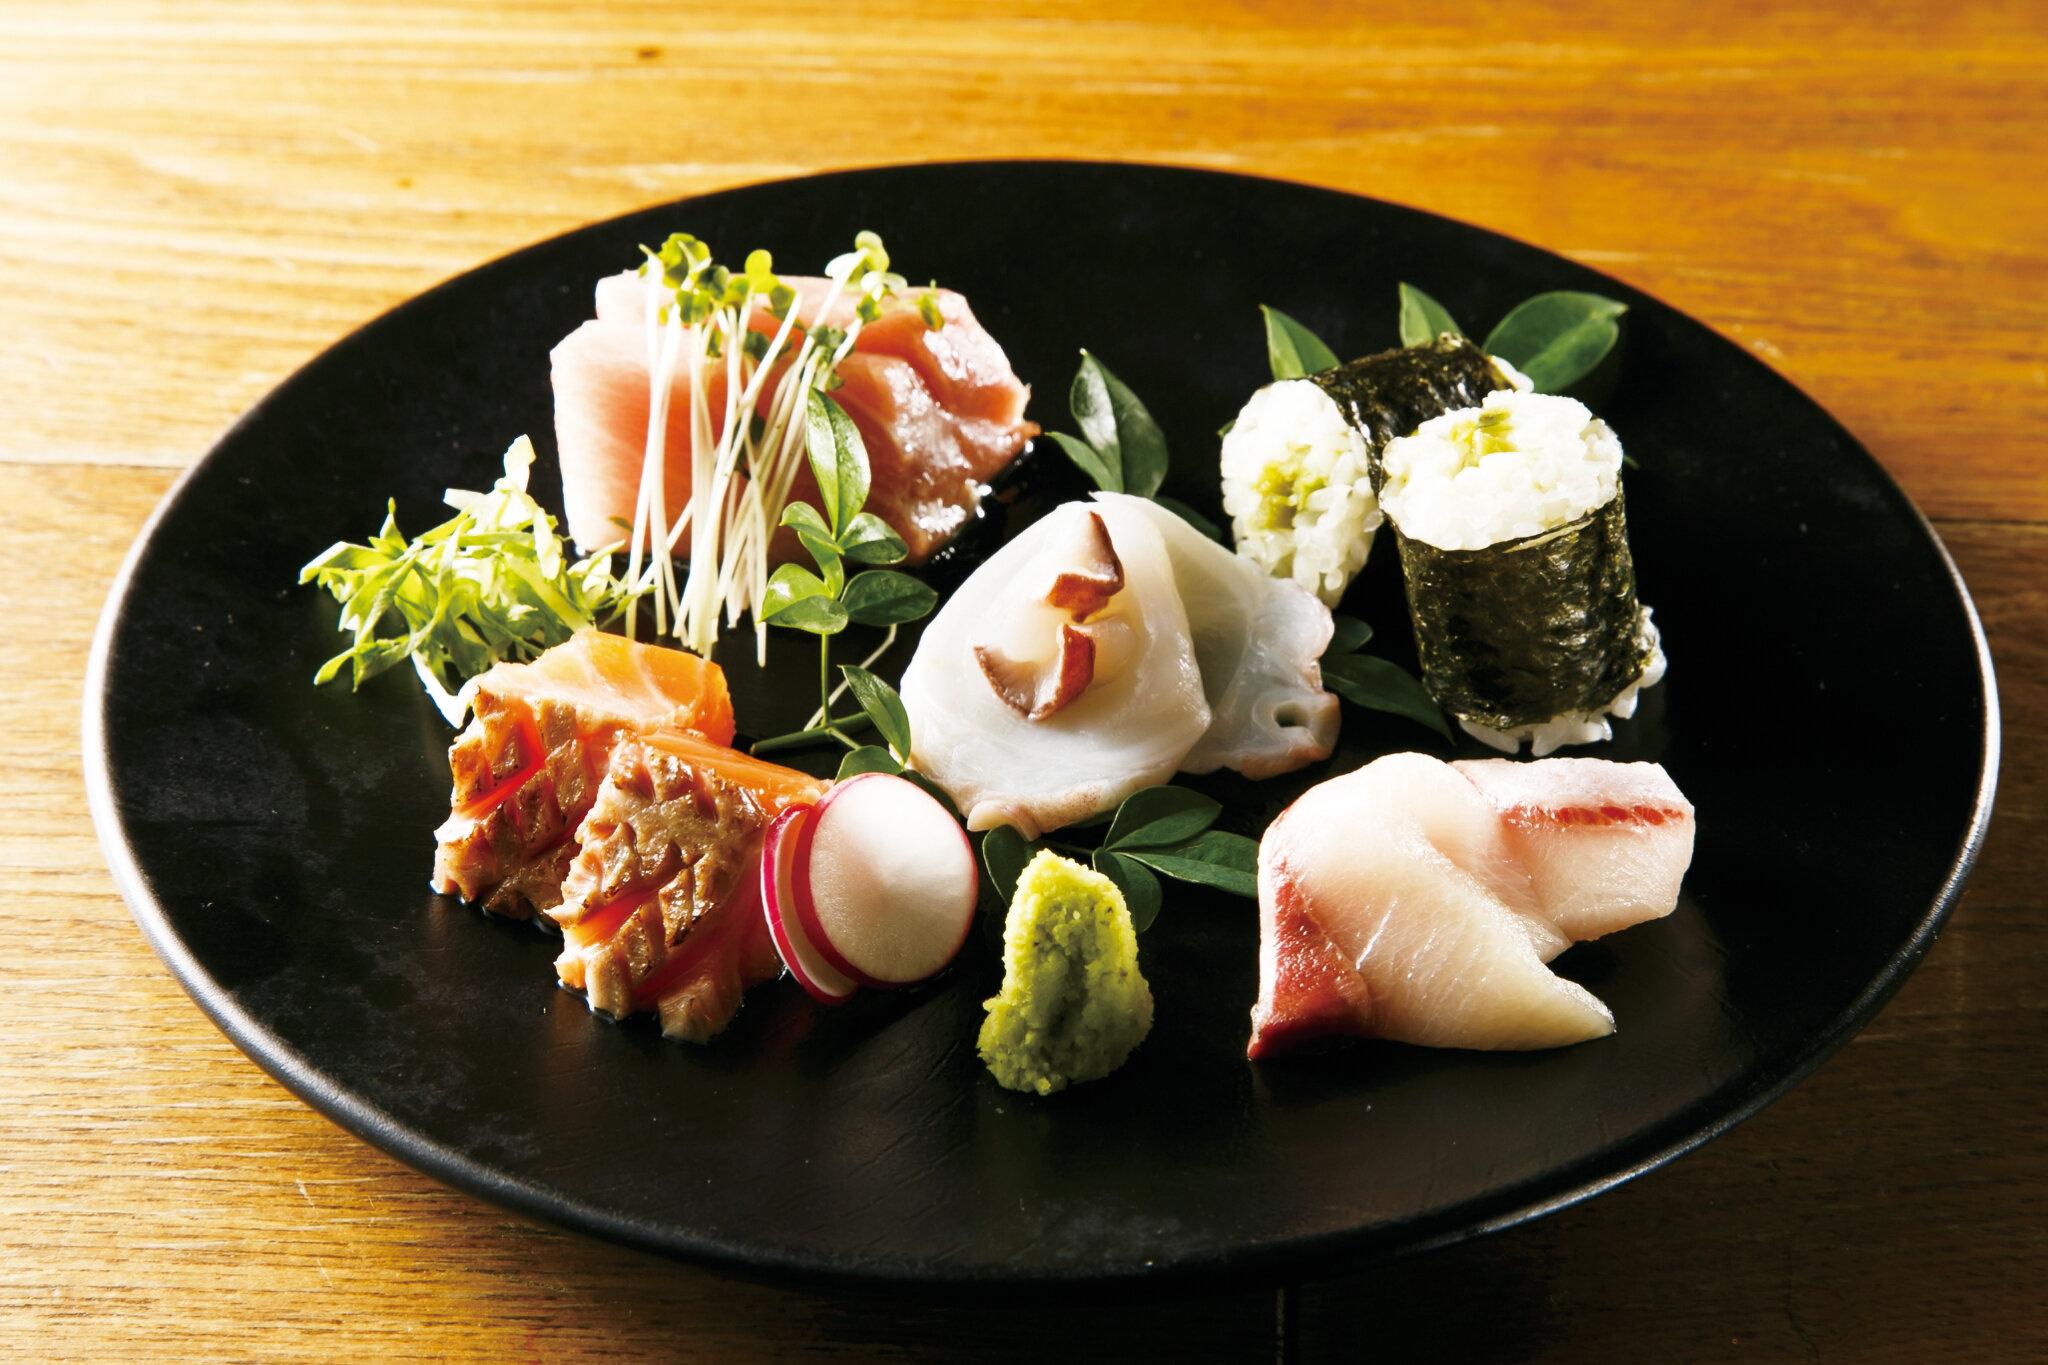 刺身盛り合わせ・一人前 Assorted Sashimi for 1pax ($18)